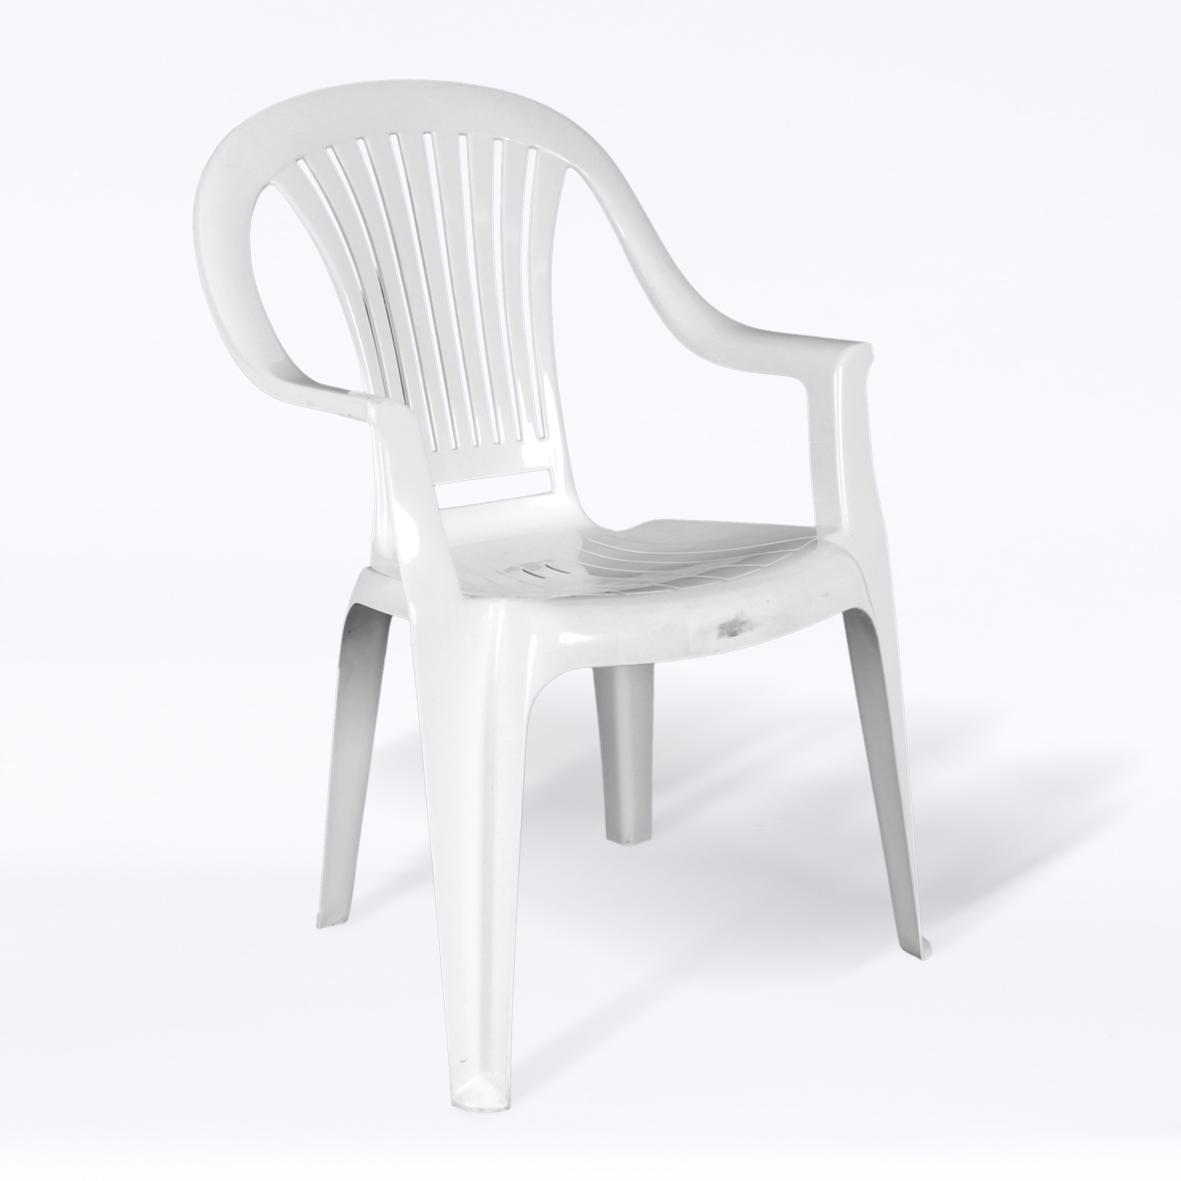 those white plastic chairs tomwoollatt